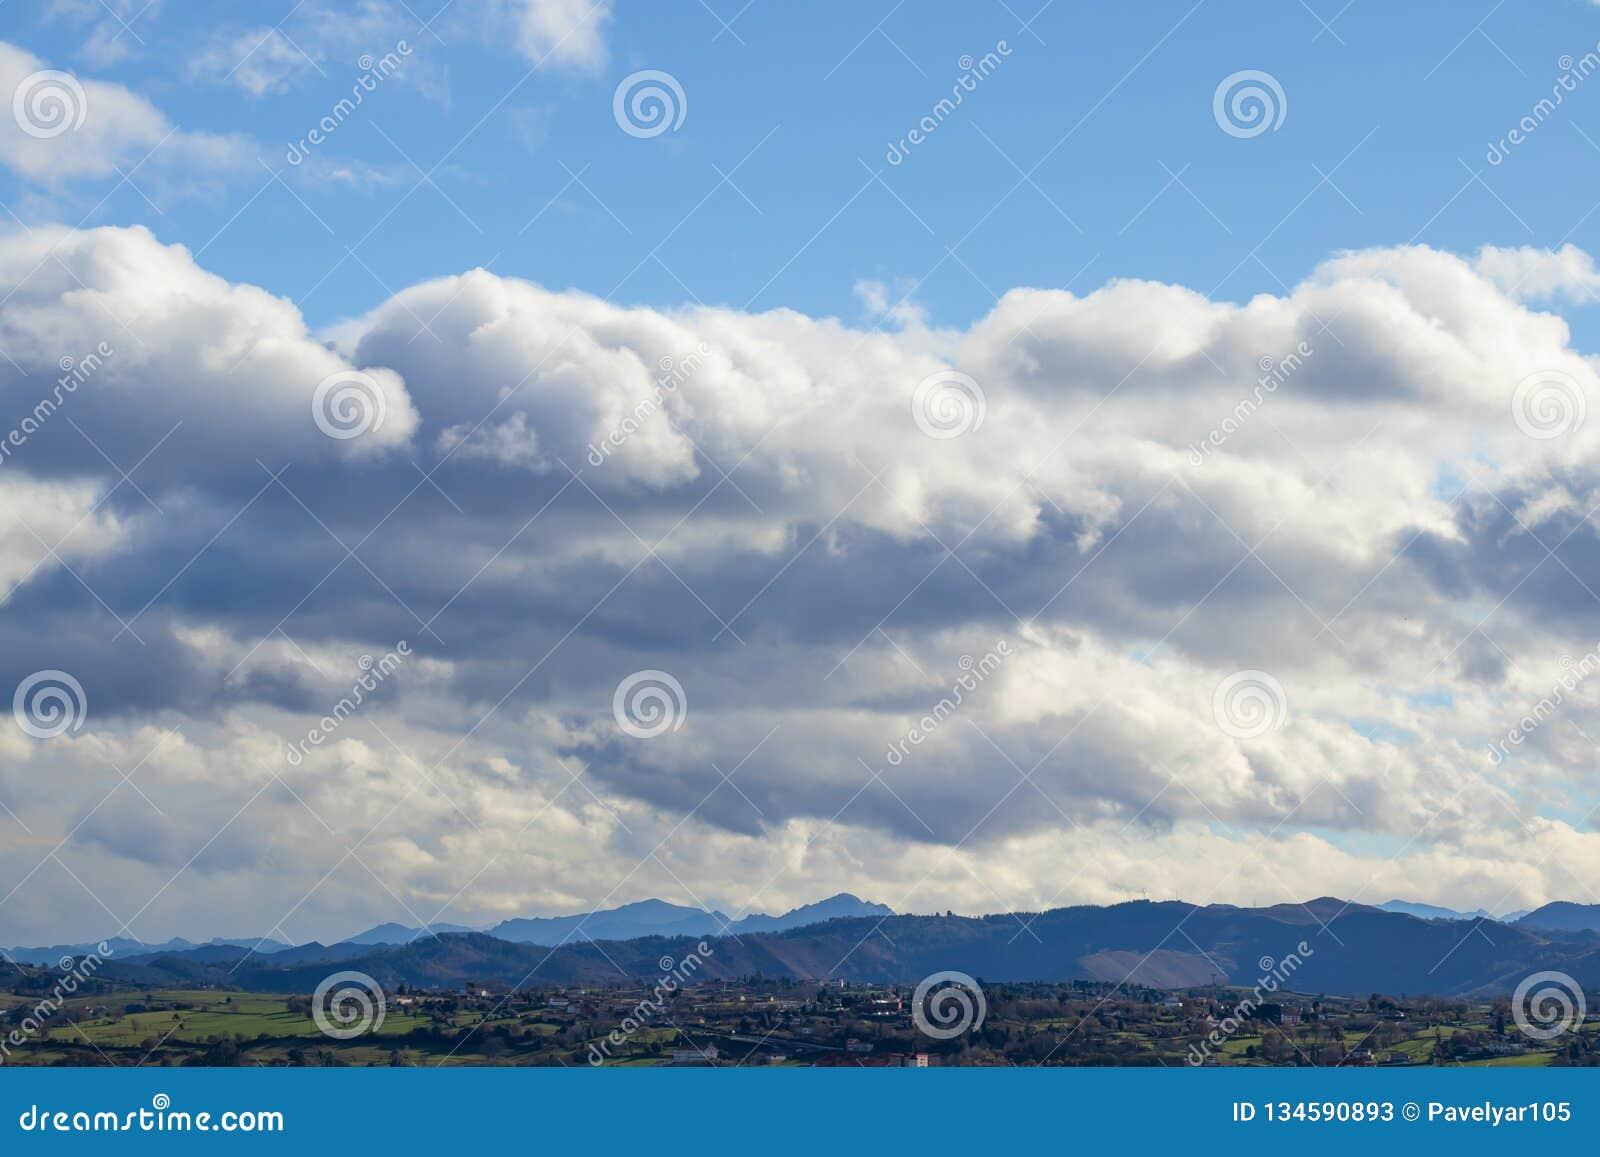 Catena montuosa in bel tempo in nuvole di pioggia di contrapposizione prima della pioggia